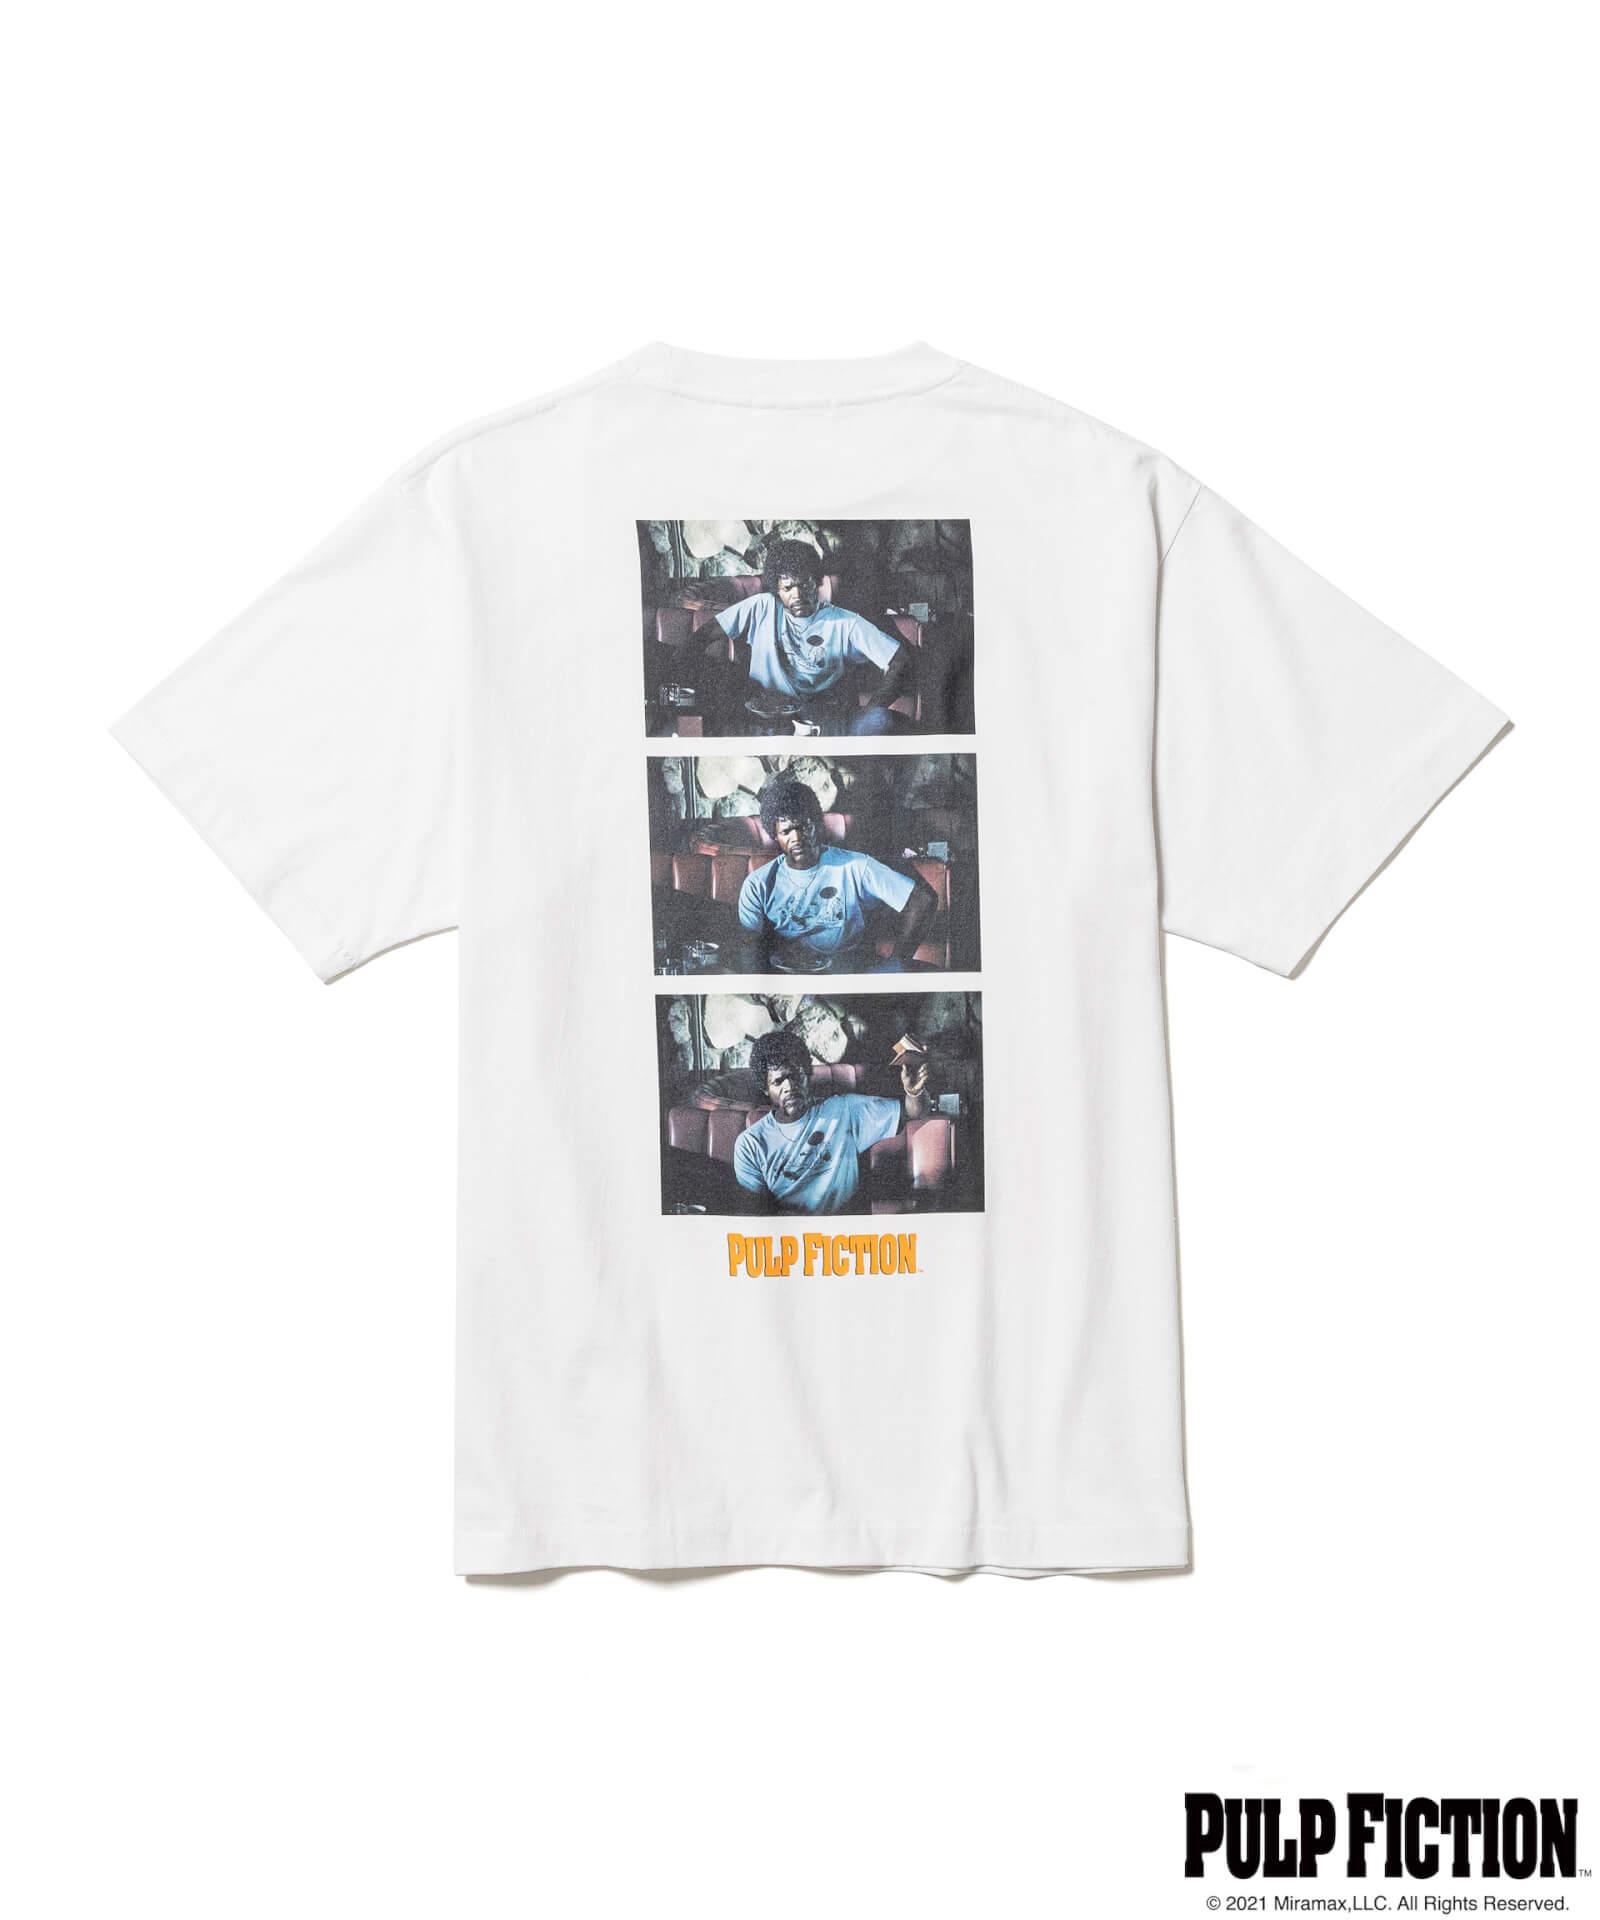 映画『パルプ・フィクション』とF-LAGSTUF-Fのオリジナルアパレルコレクションが発売決定!ユマ・サーマンプリントのTシャツも fashion211006_fs-pf-010